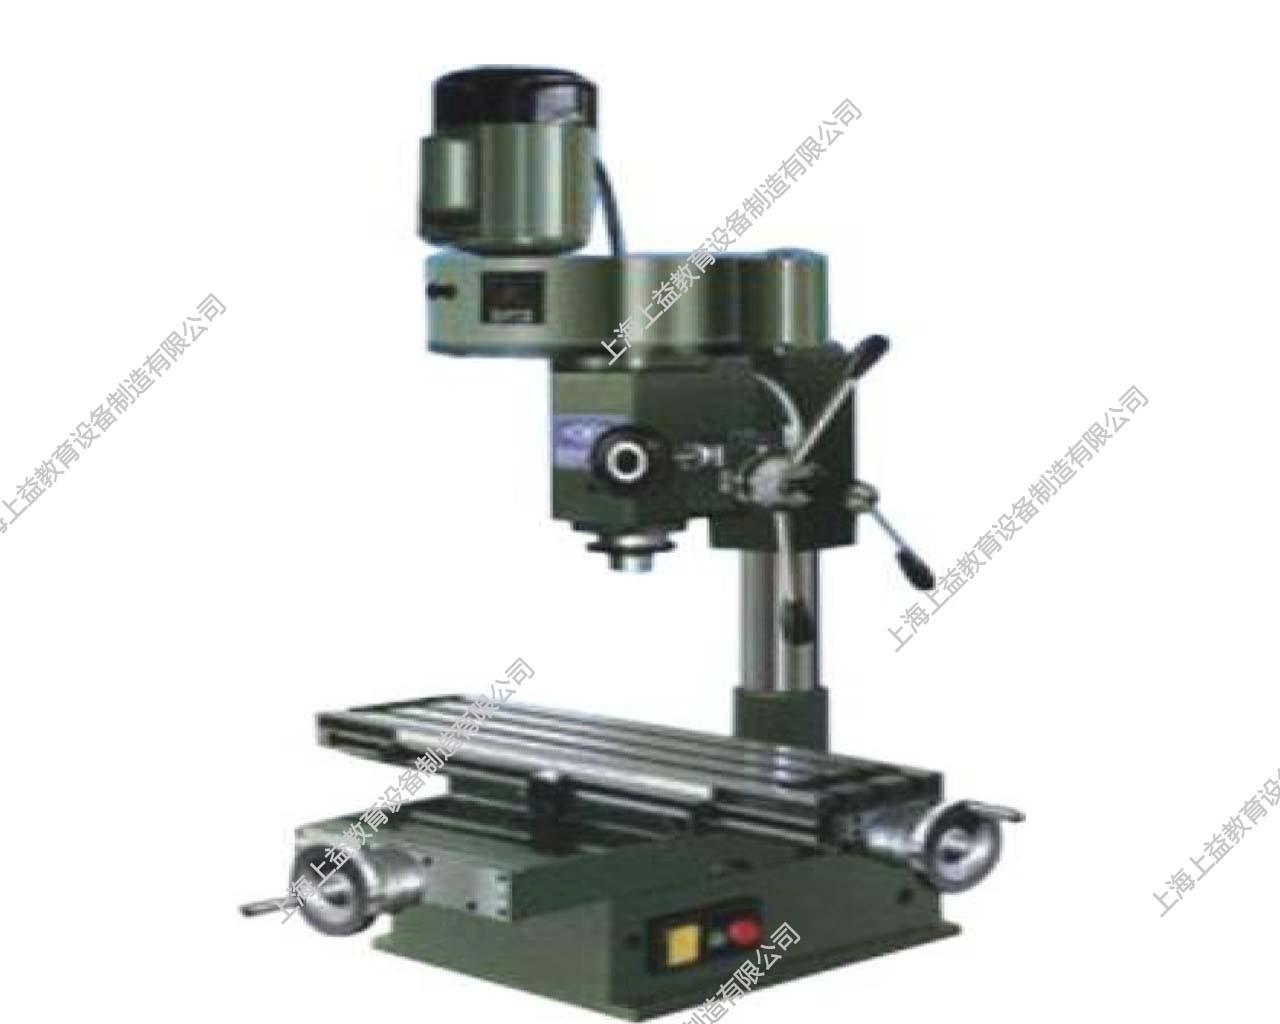 Xz15多功能工具机小型机床